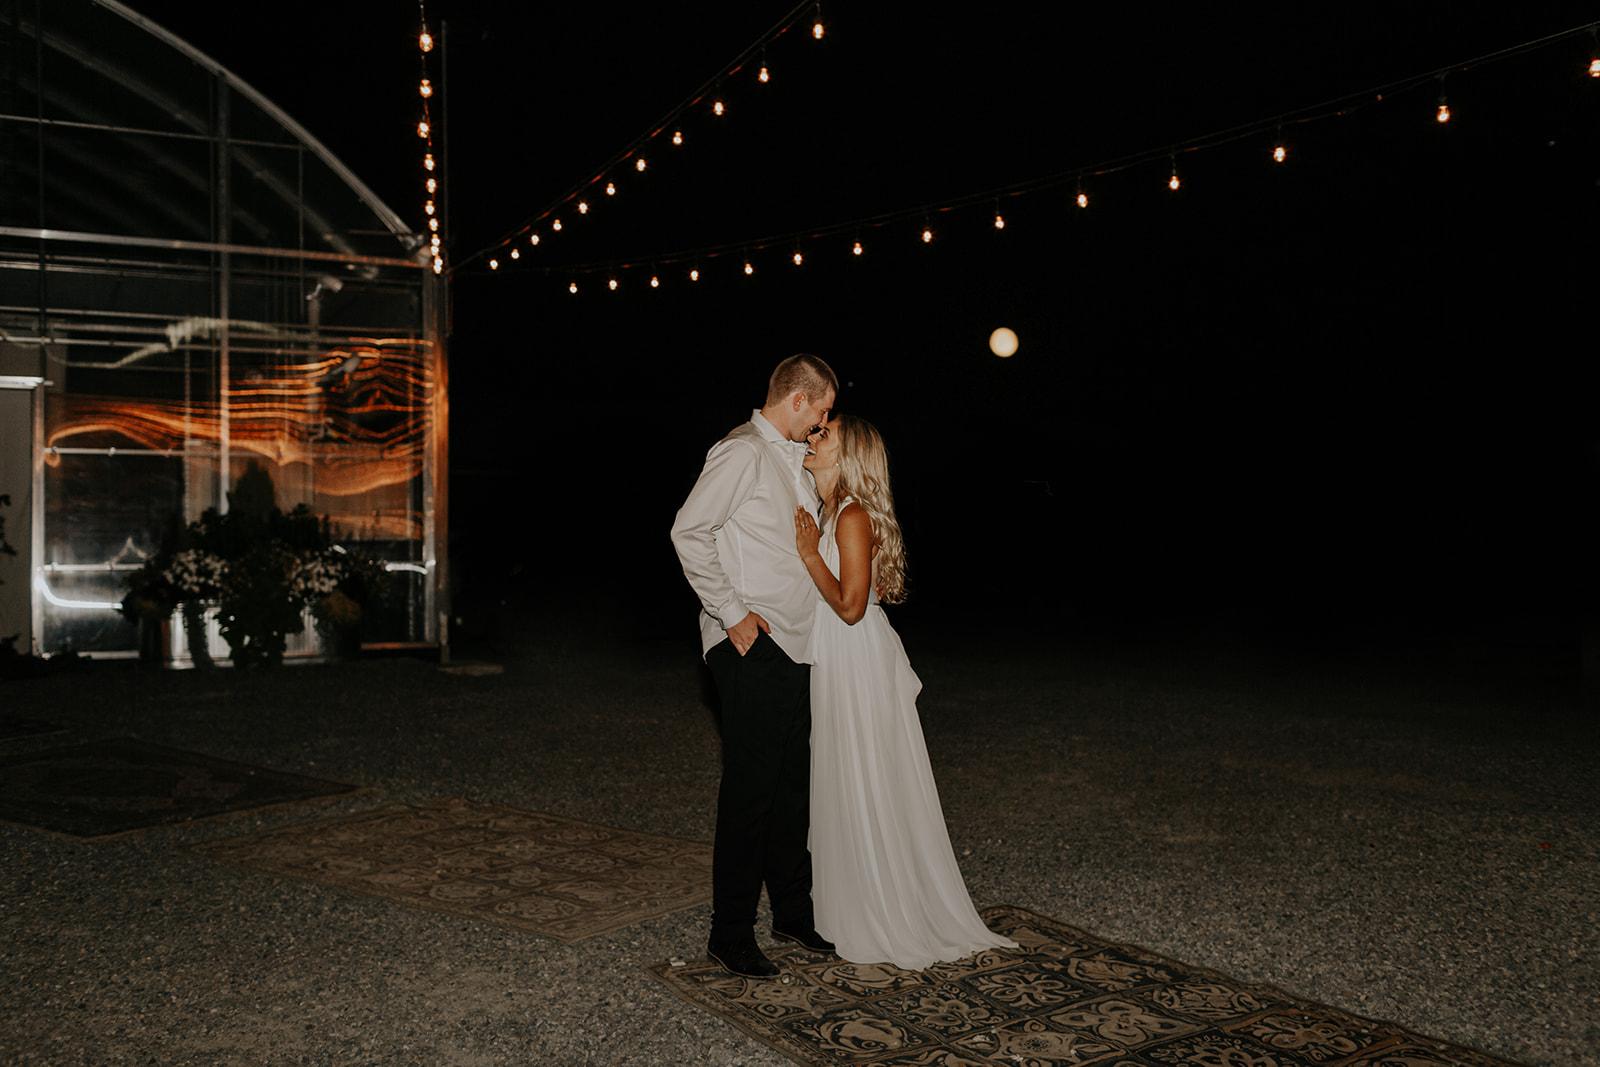 ginapaulson_larabryce_wedding-1302.jpg